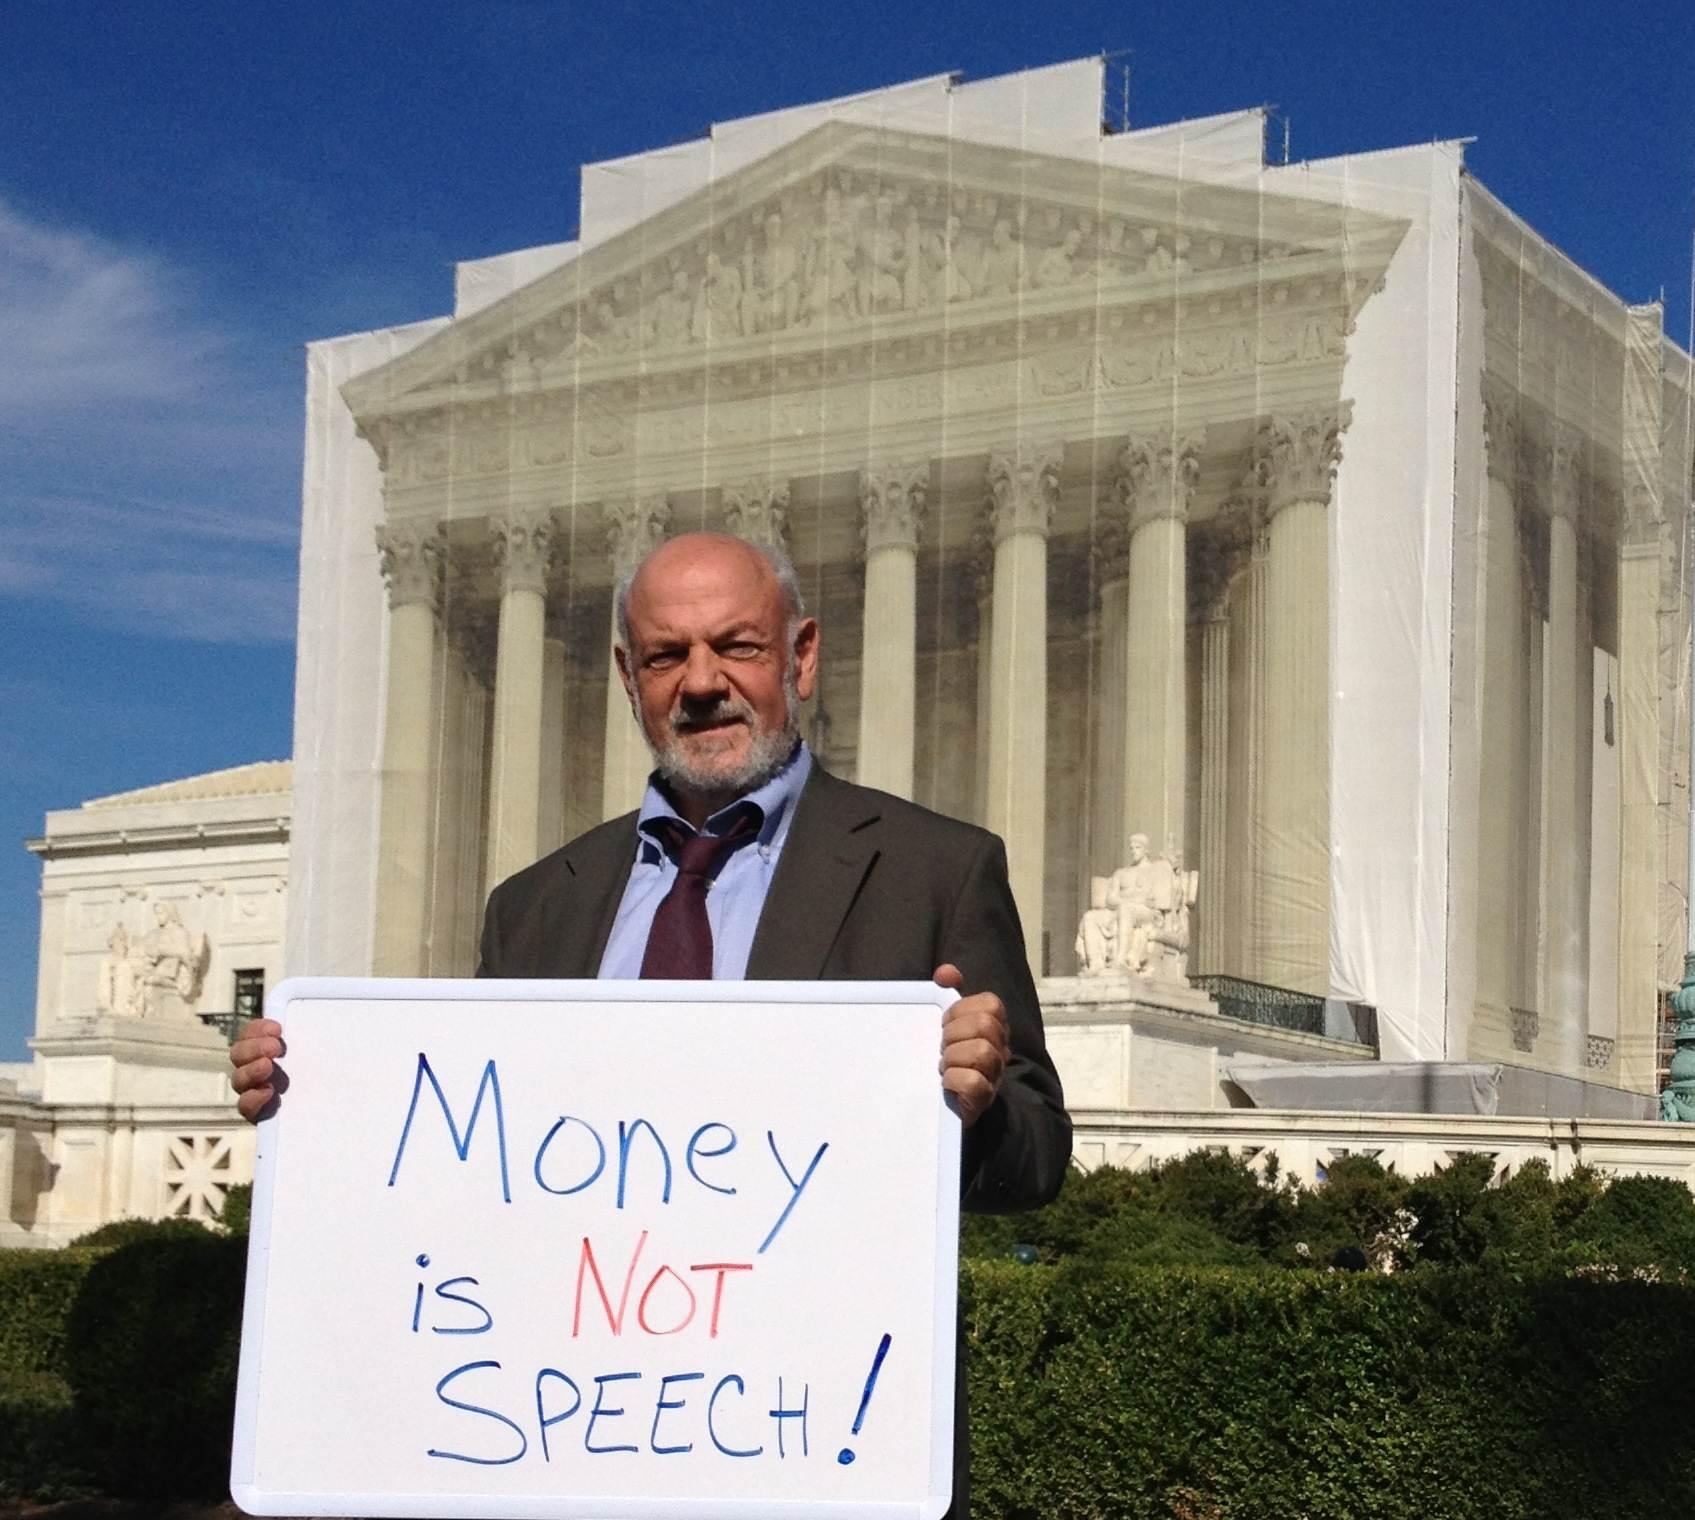 Ken_at_SCOTUS_Money_is_not_speech.jpg